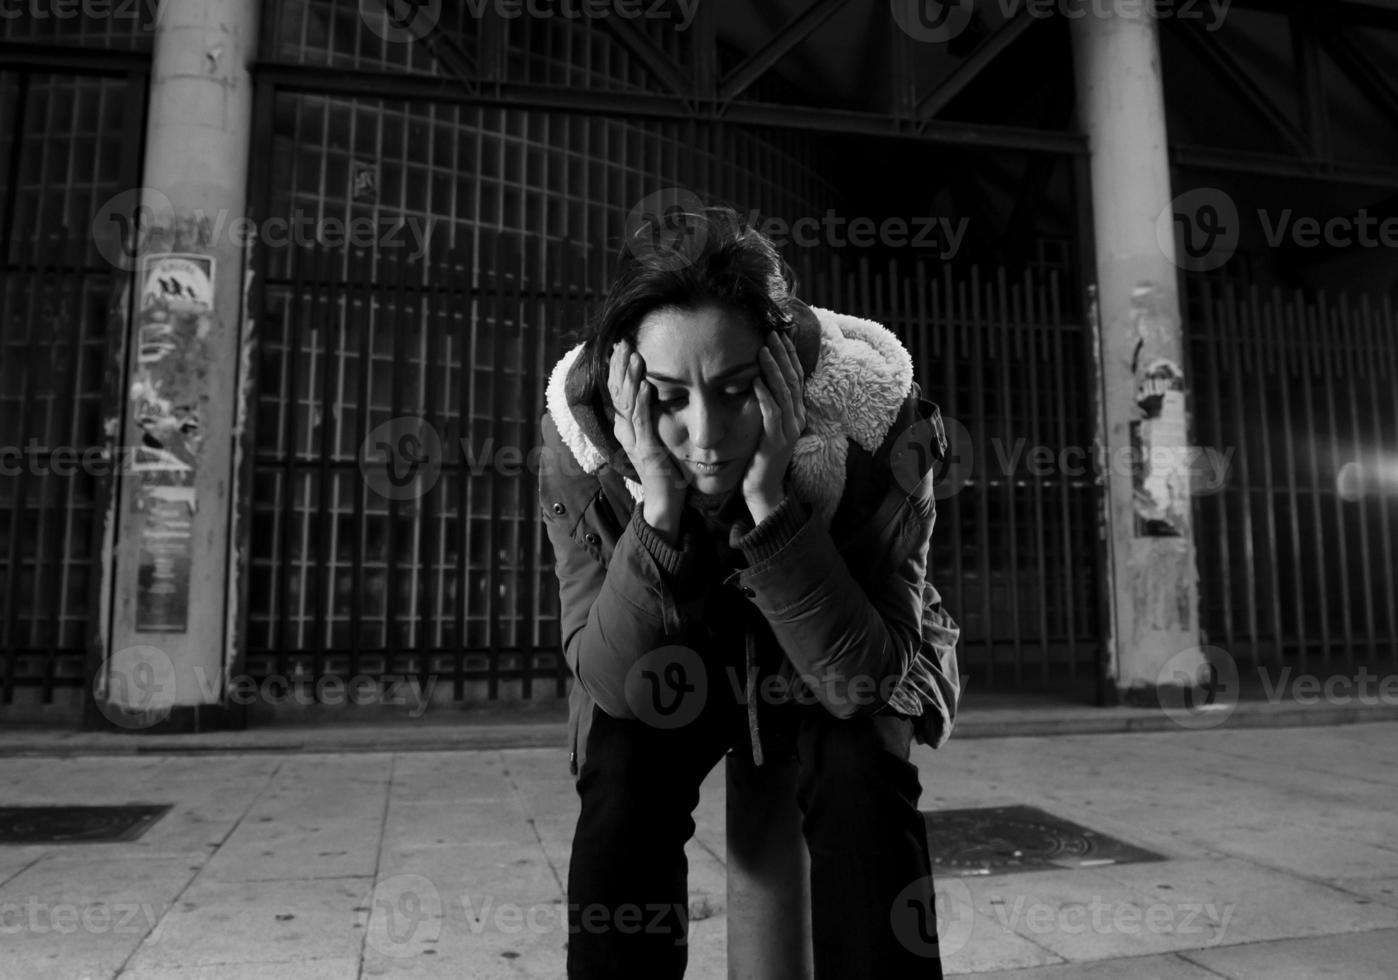 vrouw alleen op straat lijden depressie op zoek triest wanhopig foto